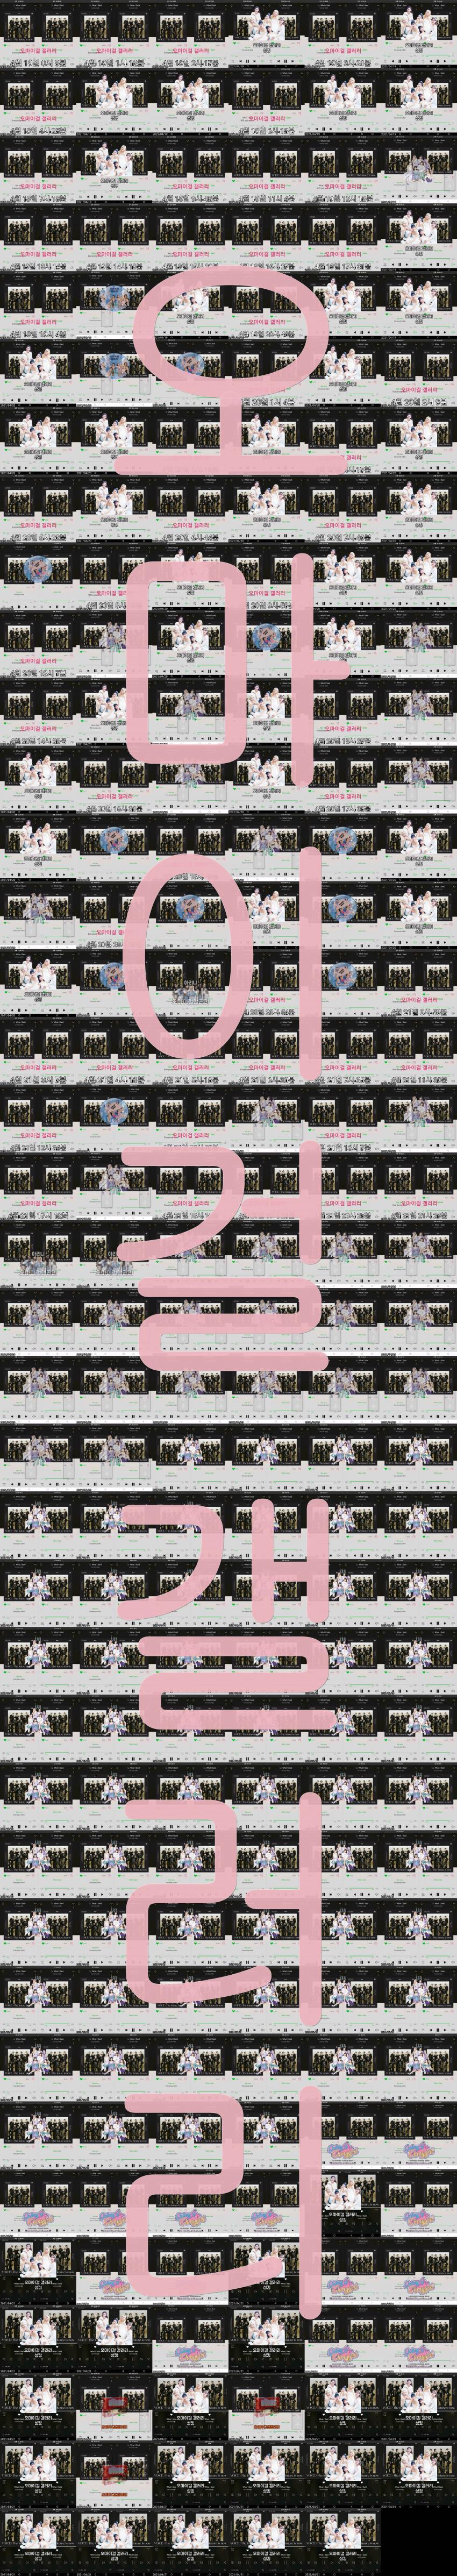 viewimage.php?id=3bb4d332eadc69f03fee86ec&no=24b0d769e1d32ca73dec81fa11d028314d3faebecfec25ed6aa778bc7856f30c2f023004db707095fd748ed762d2f448bb3509598fa834e054b204997104675a237c8f25b5dd